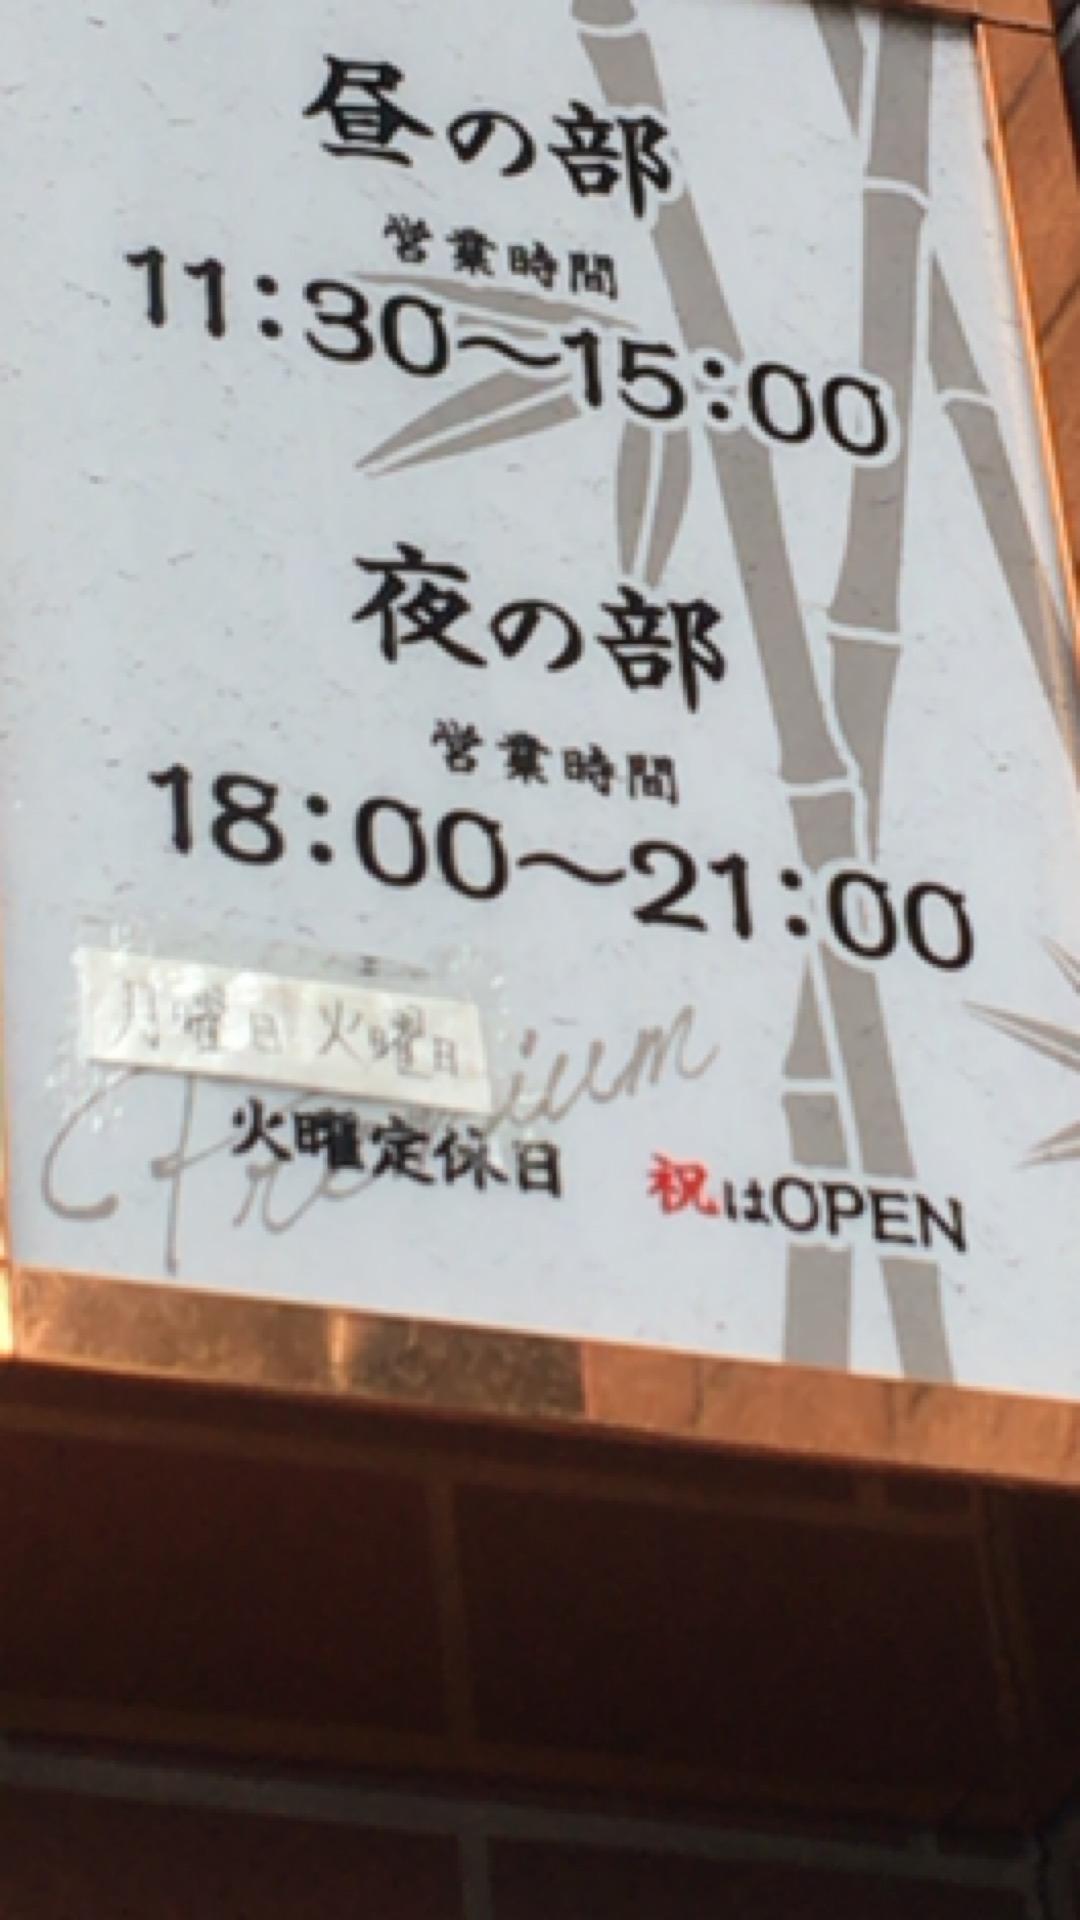 竹末東京プレミアムの営業時間